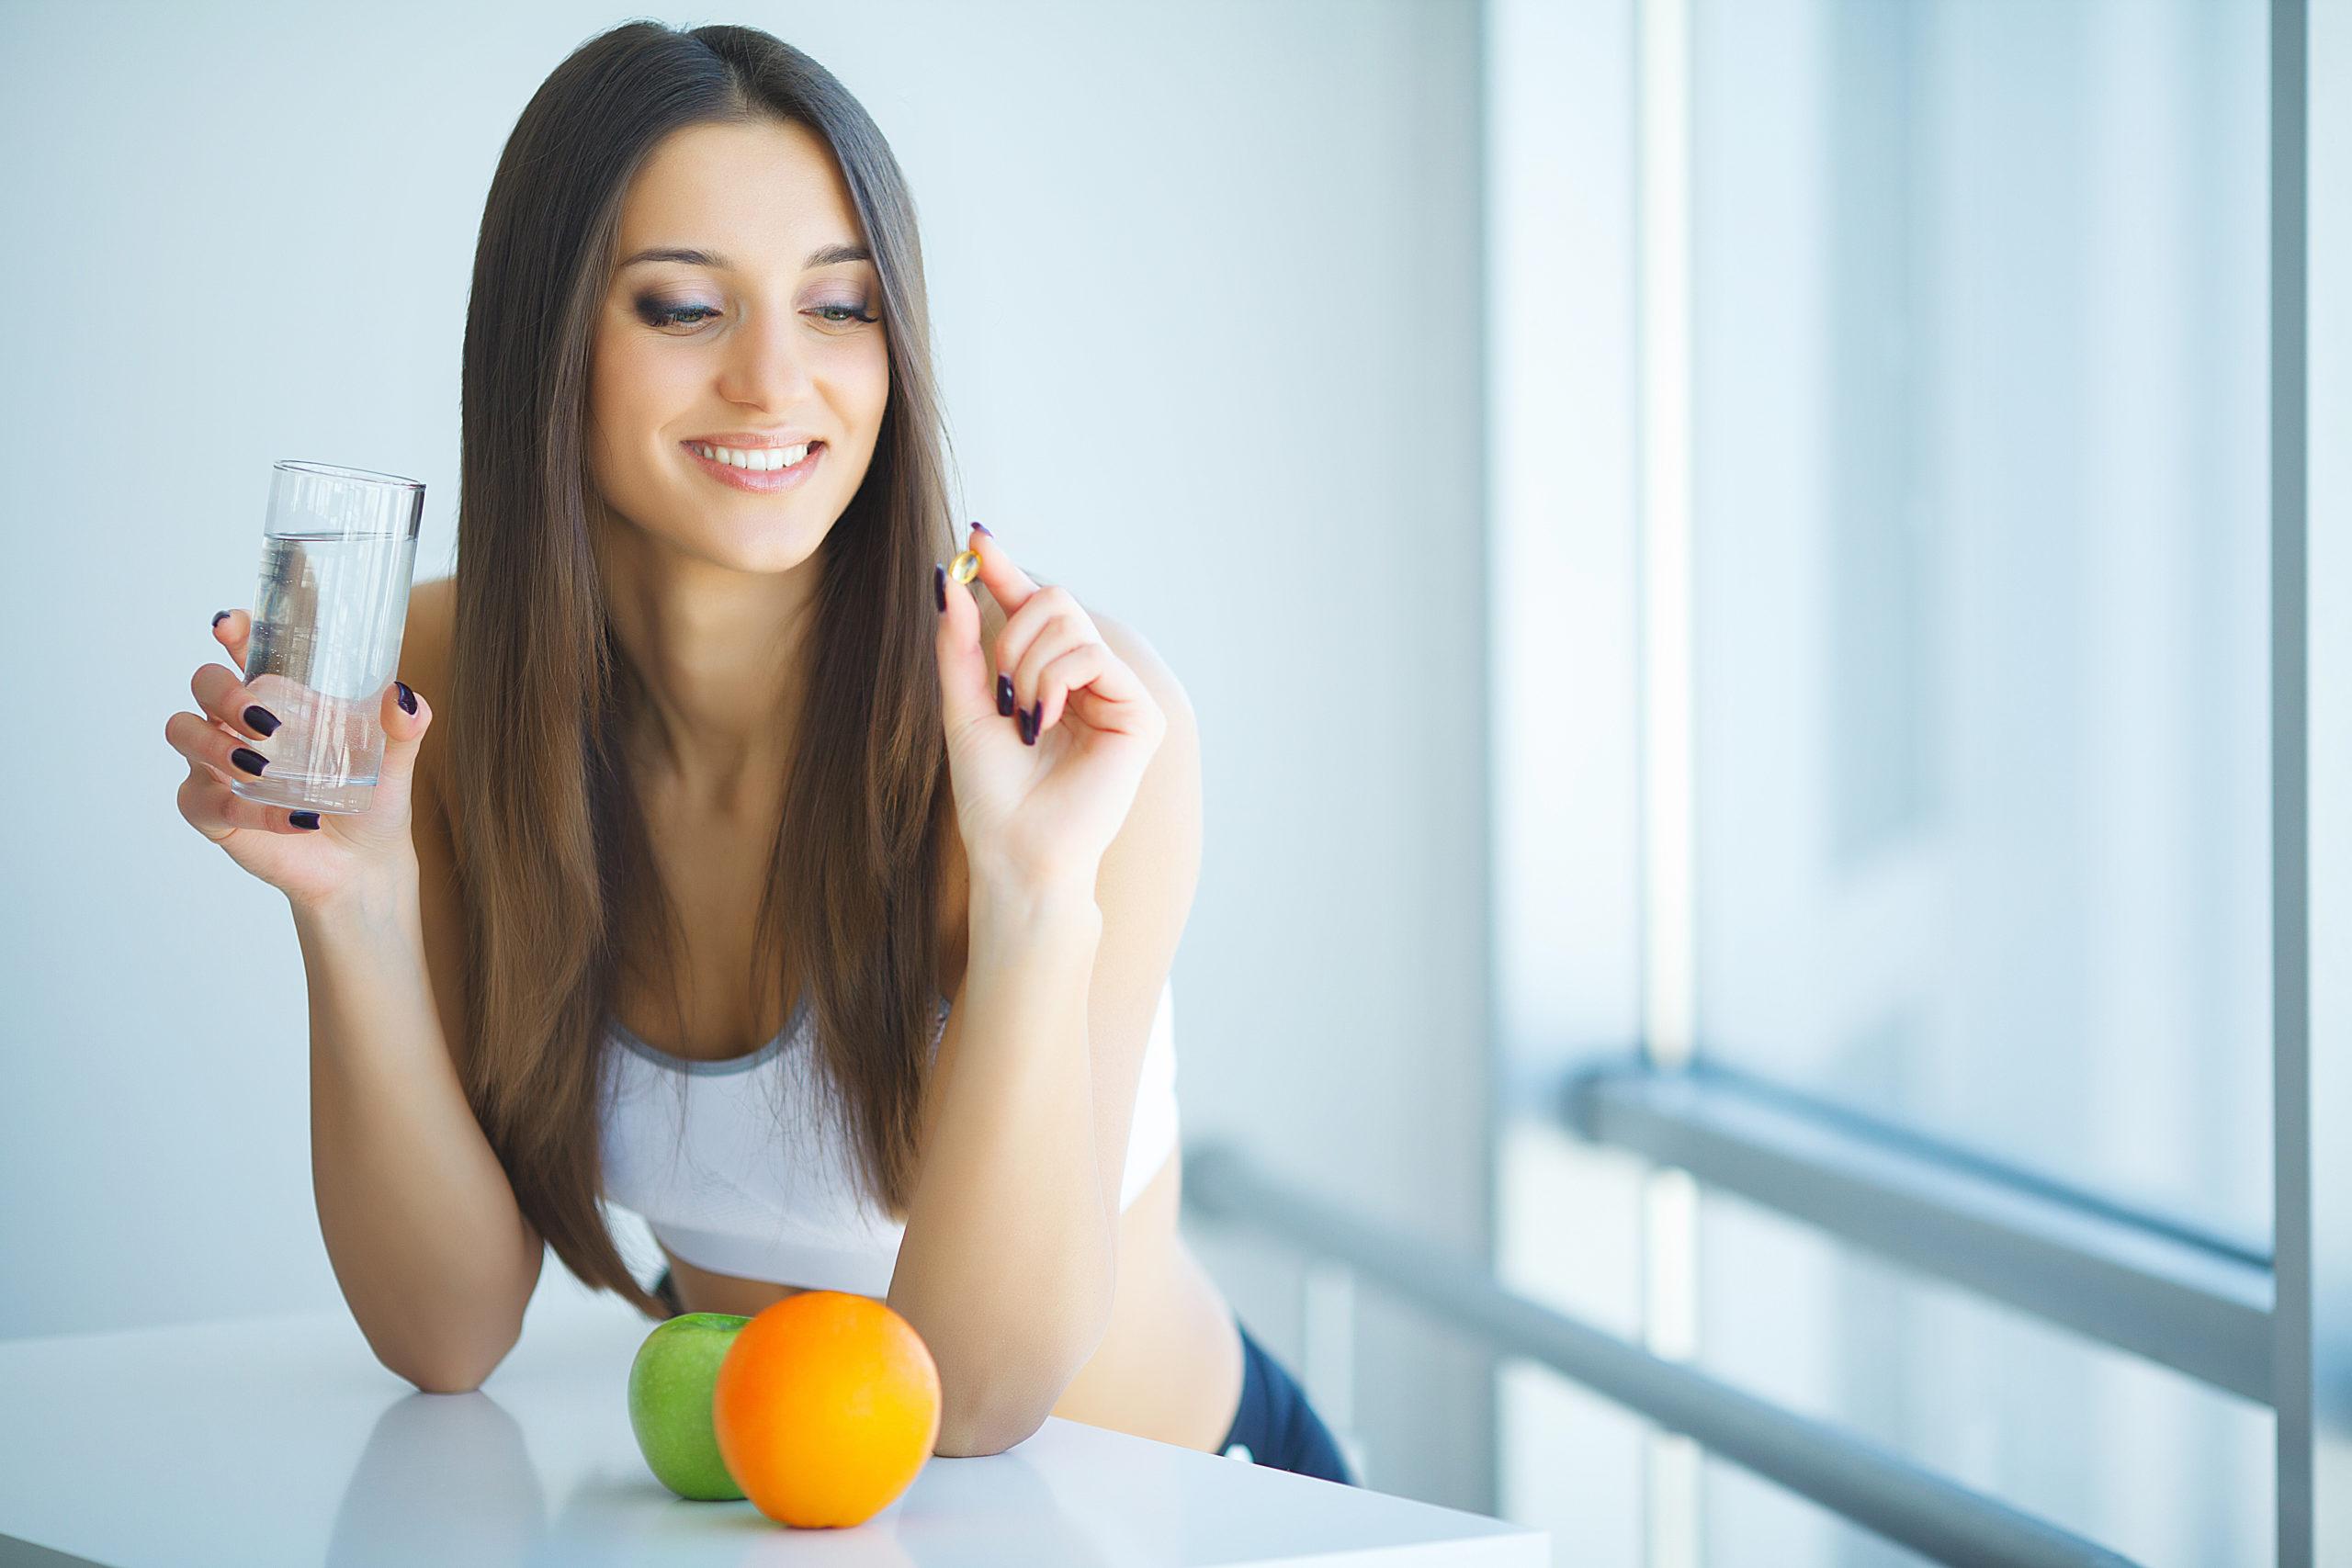 Mevsim geçişlerinde B12 vitamini içeren besinler önemli #3